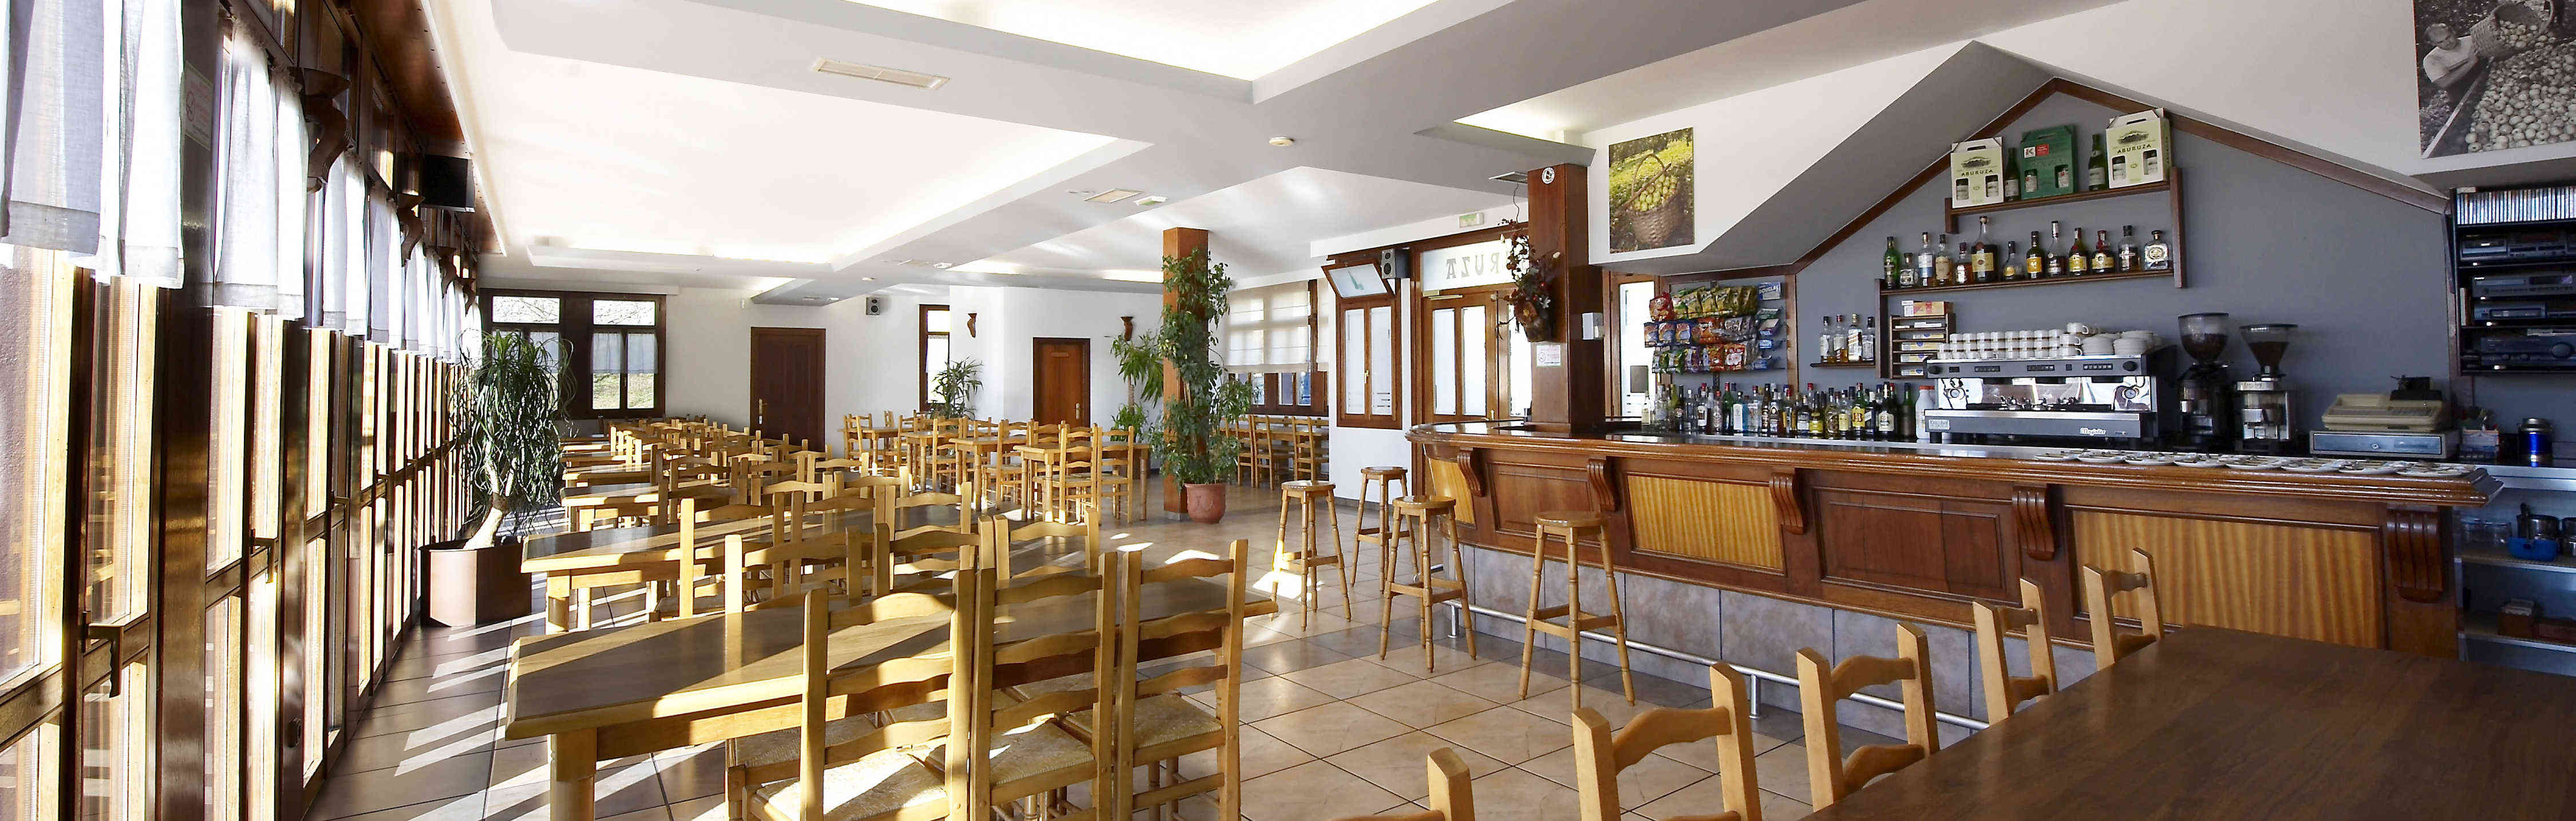 Vistas de la cafetería que dispone de dos terrazas y maravillosas vistas